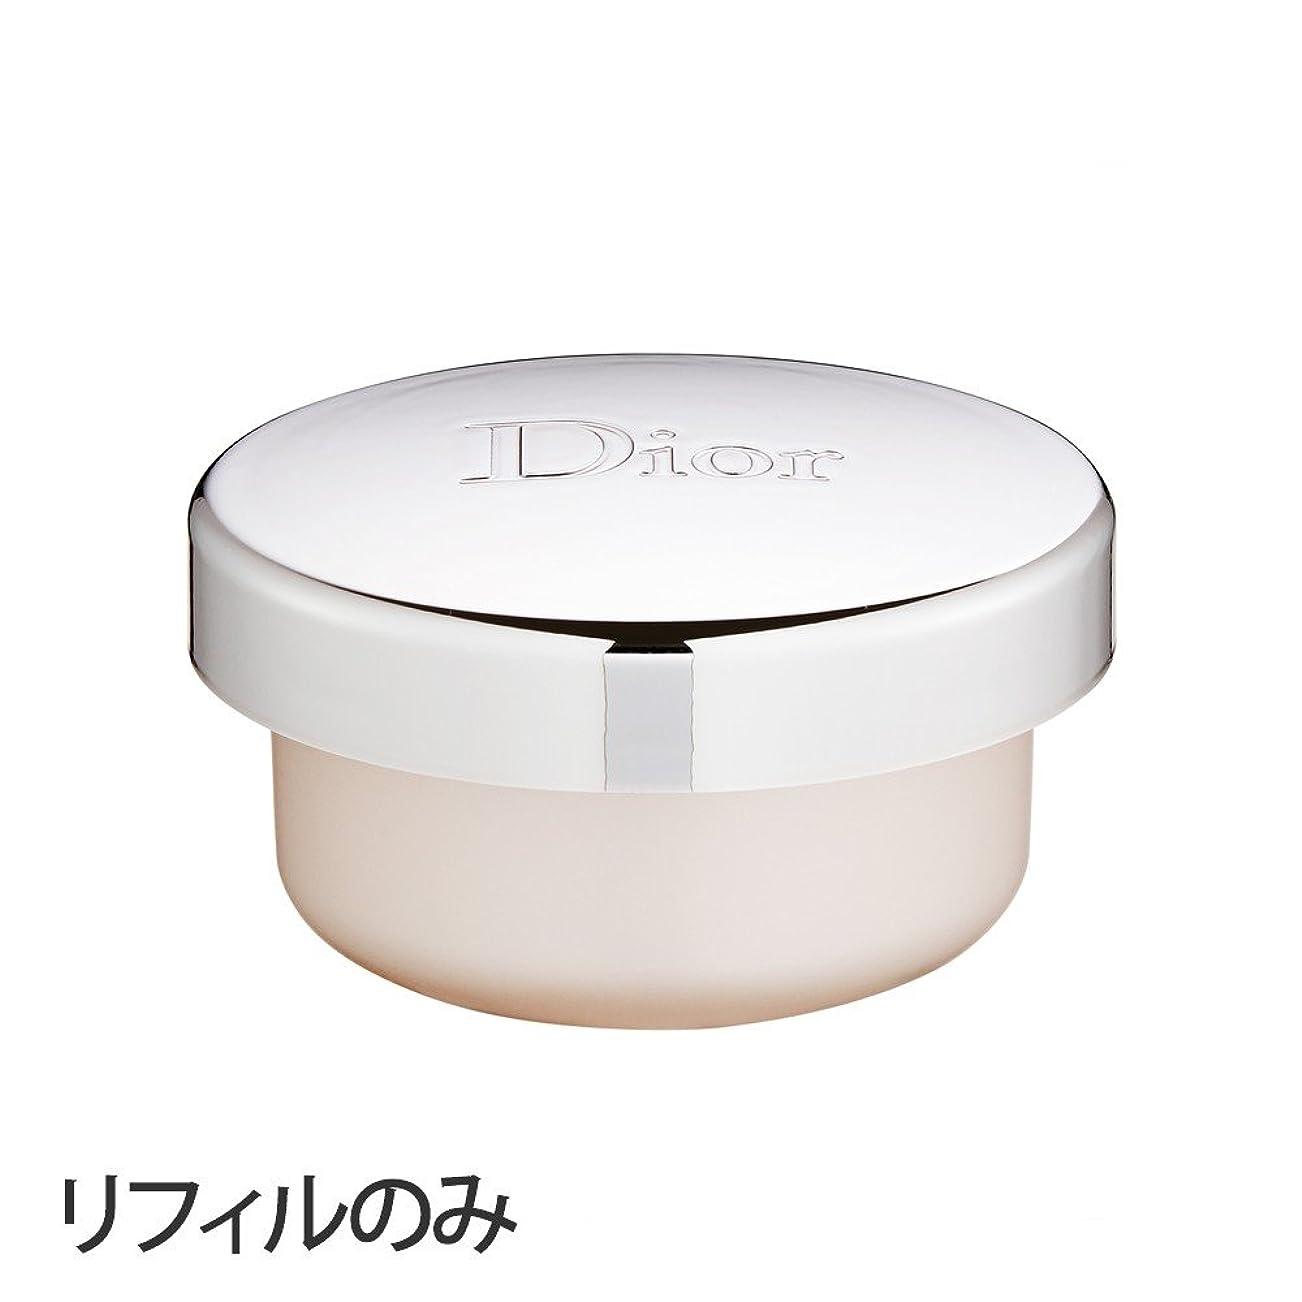 ロータリー死の顎雄弁家ディオール(Dior) 【リフォルのみ】カプチュール トータル クリーム [並行輸入品]